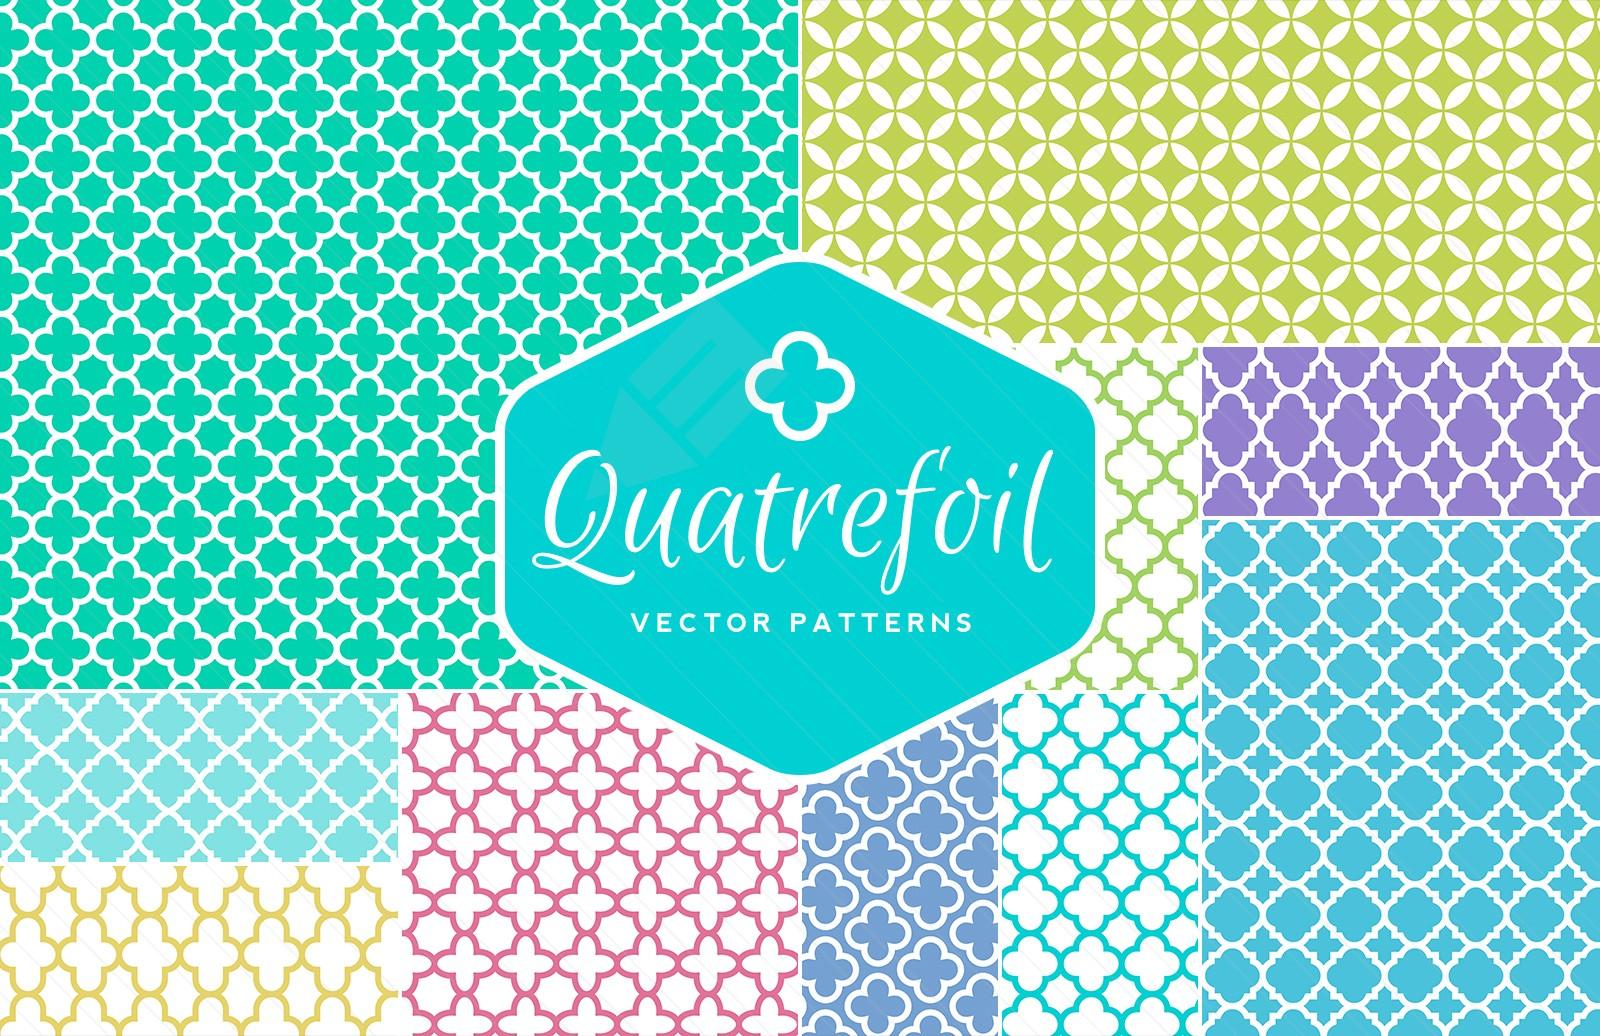 Commercial Use Quatrefoil Vector Patterns